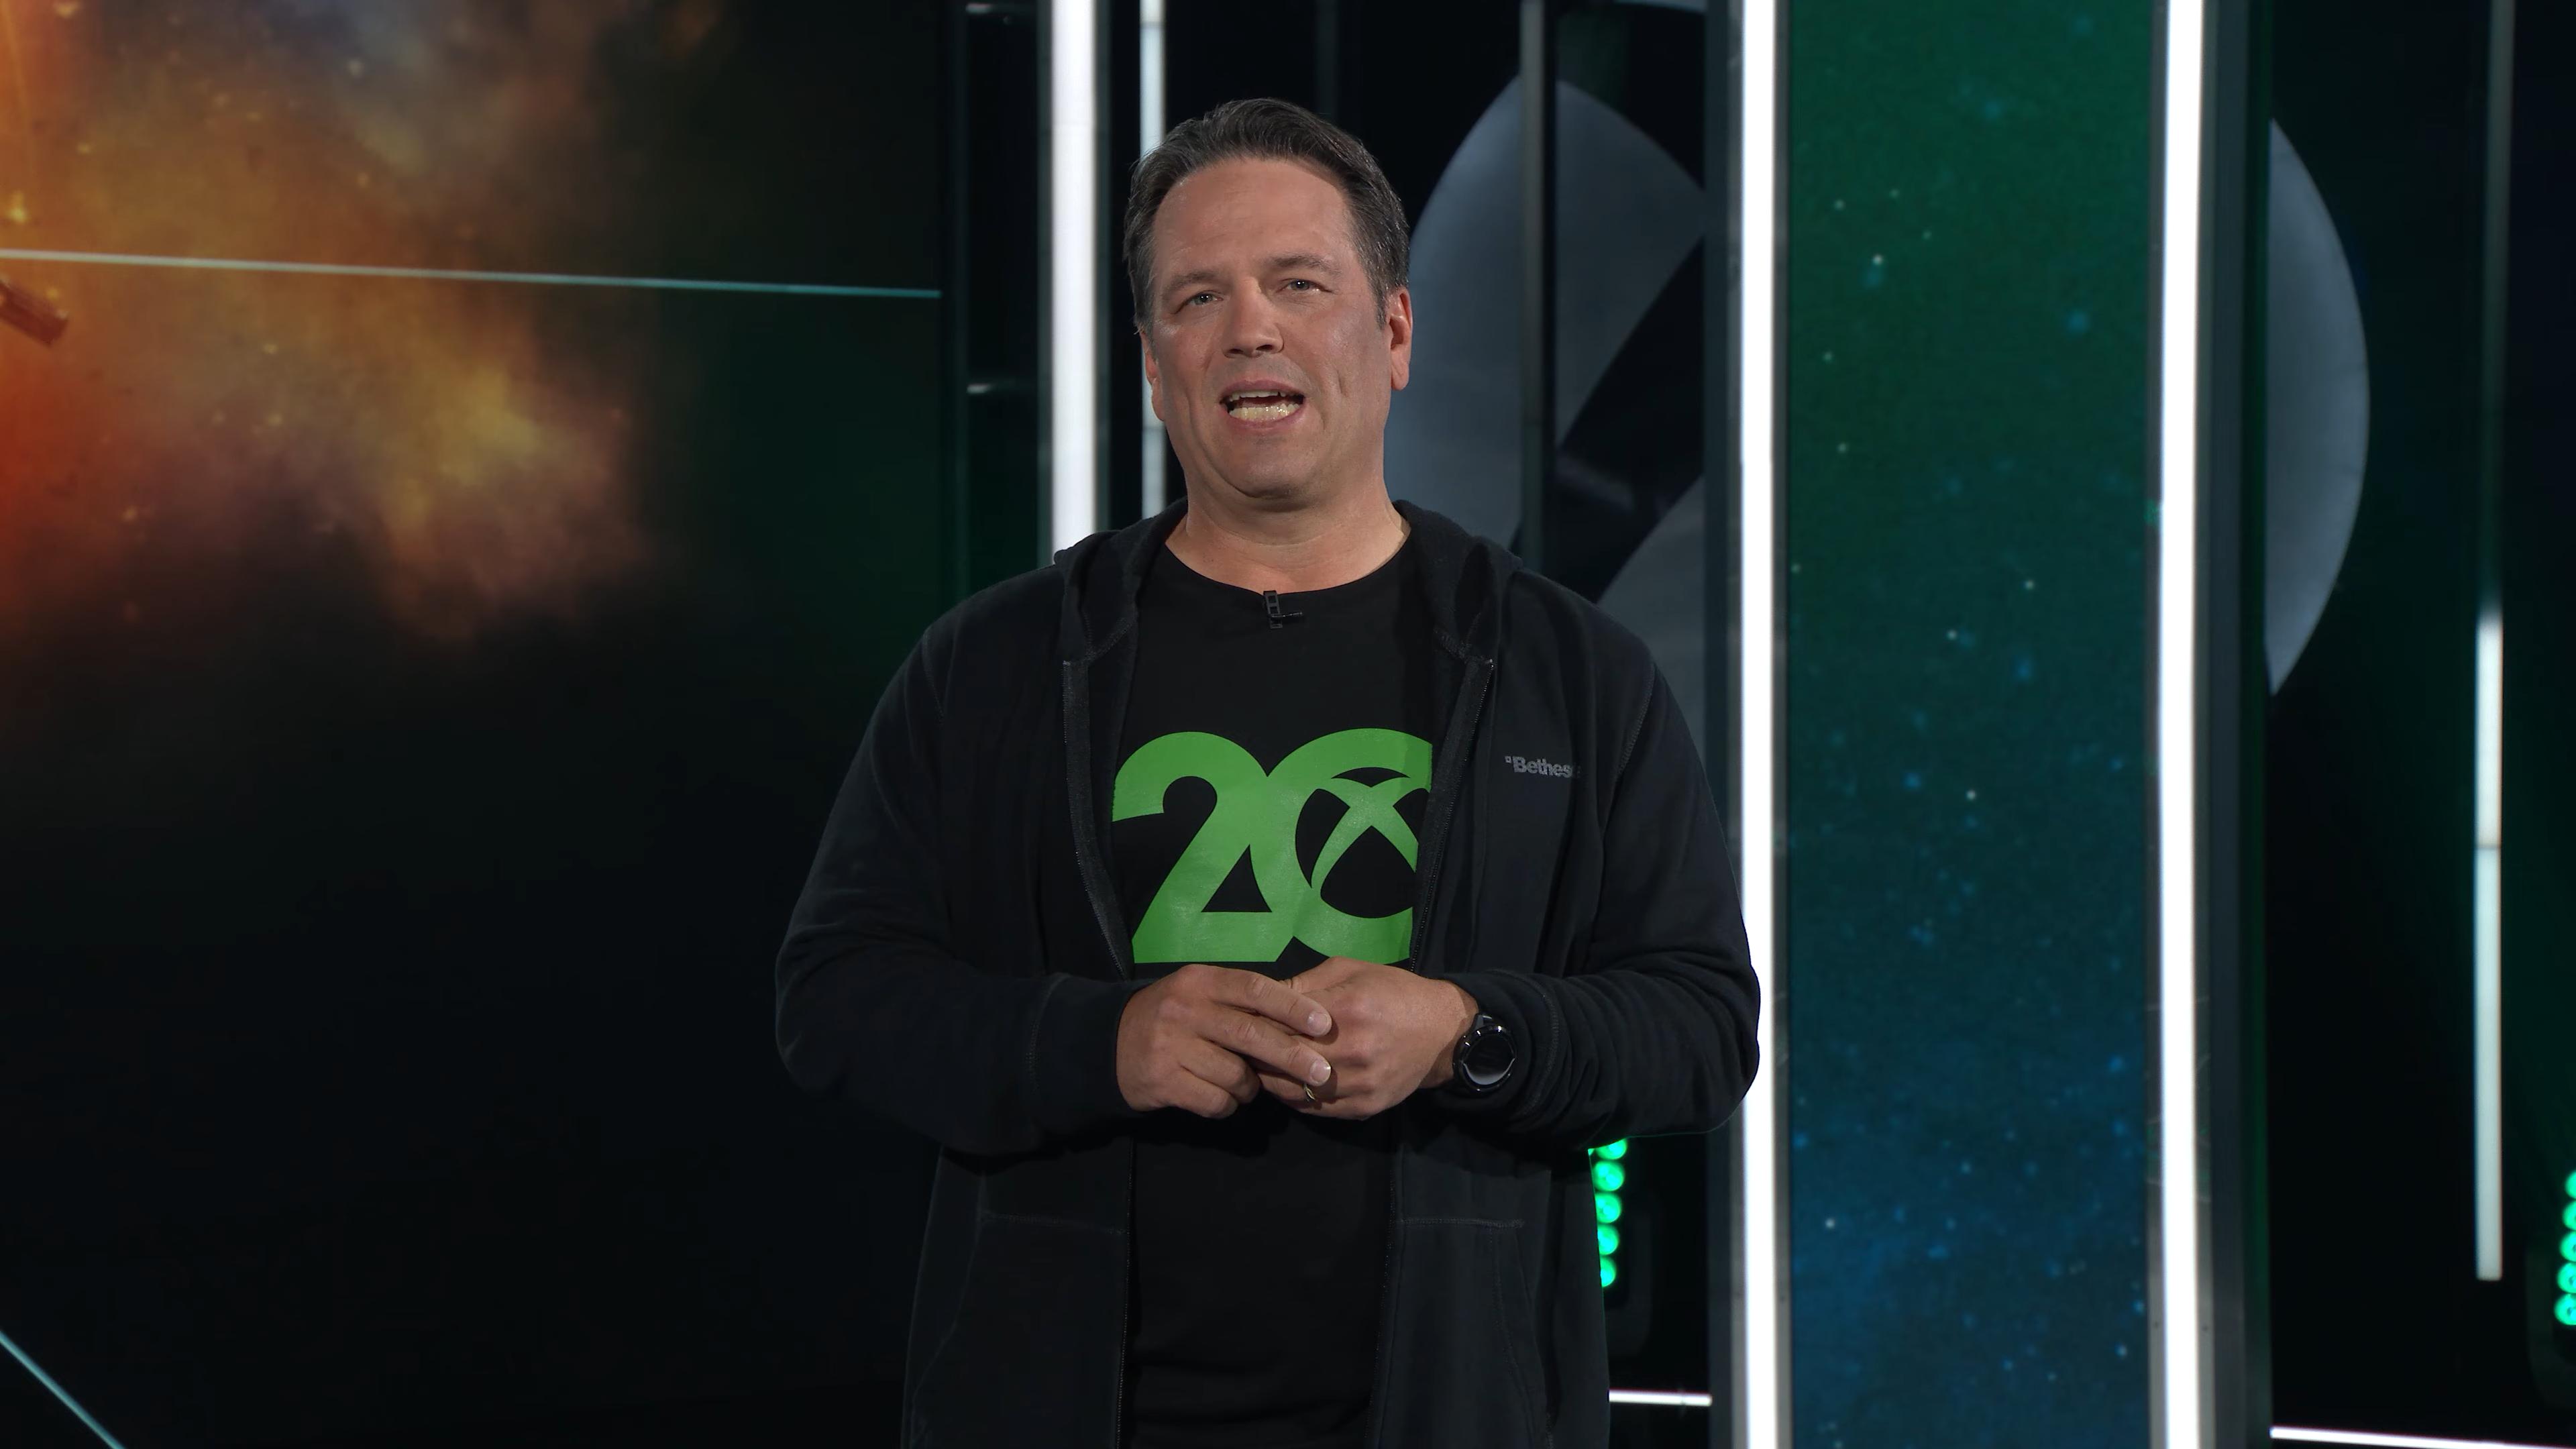 注意最后 Phil 登场穿的衣服:内衬T恤是Xbox20周年,外套印着 Bethesda